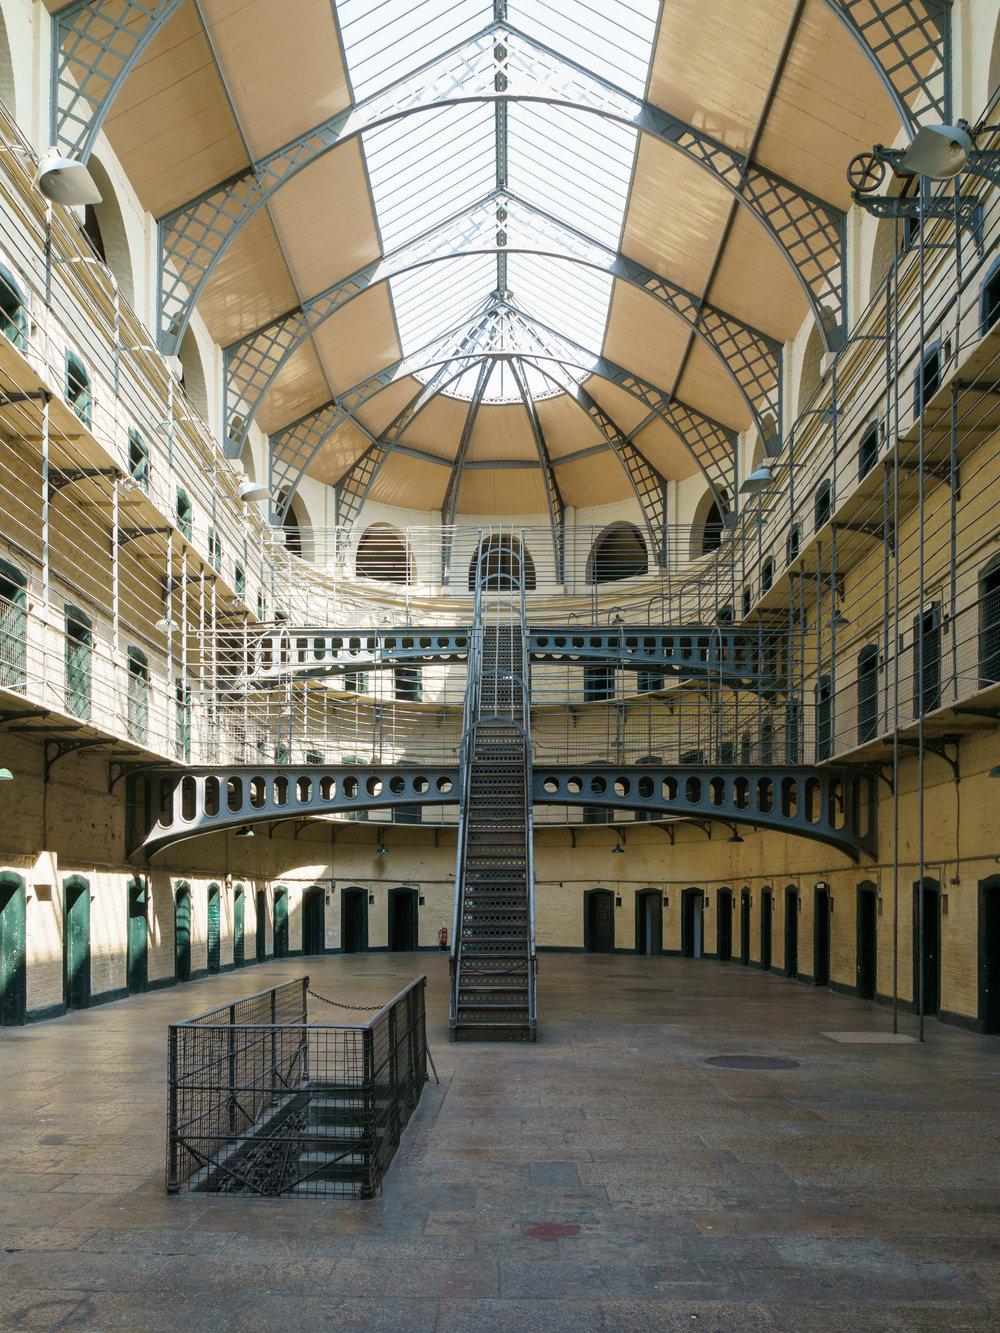 Kilmainham_Gaol_Main_Hall_2016-06-03.jpg